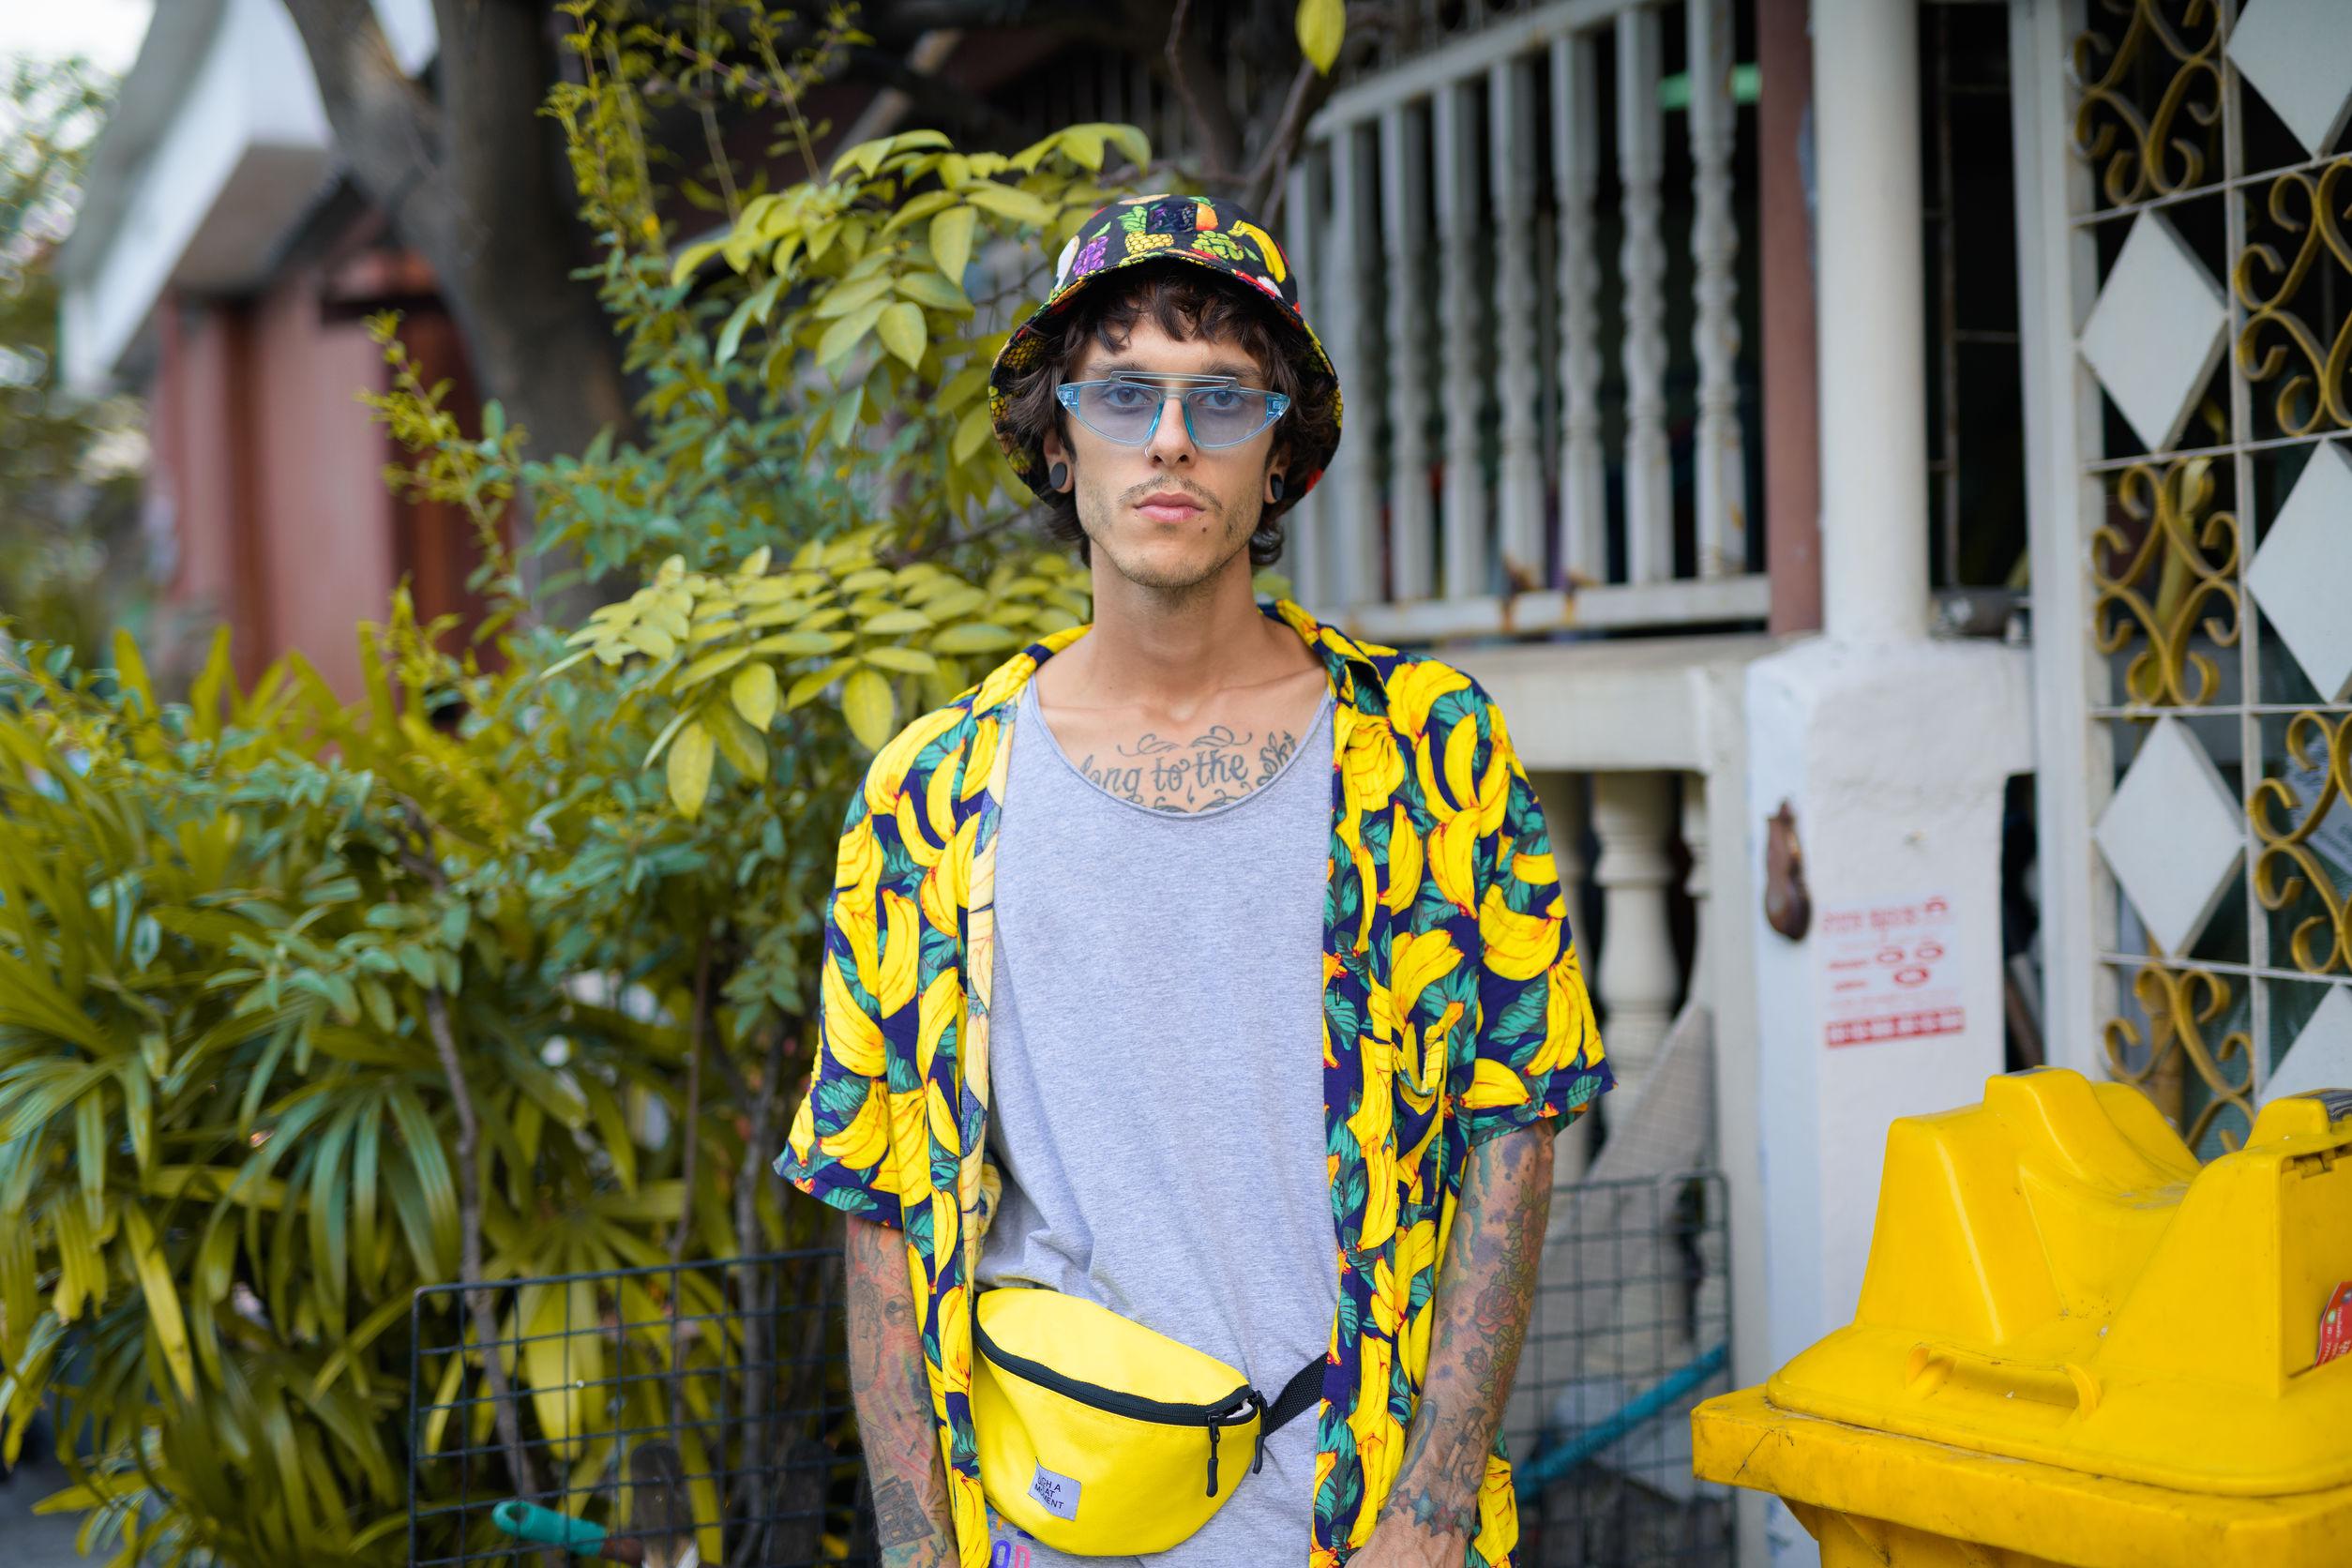 Foto de estudio de joven rebelde en las calles al aire libre